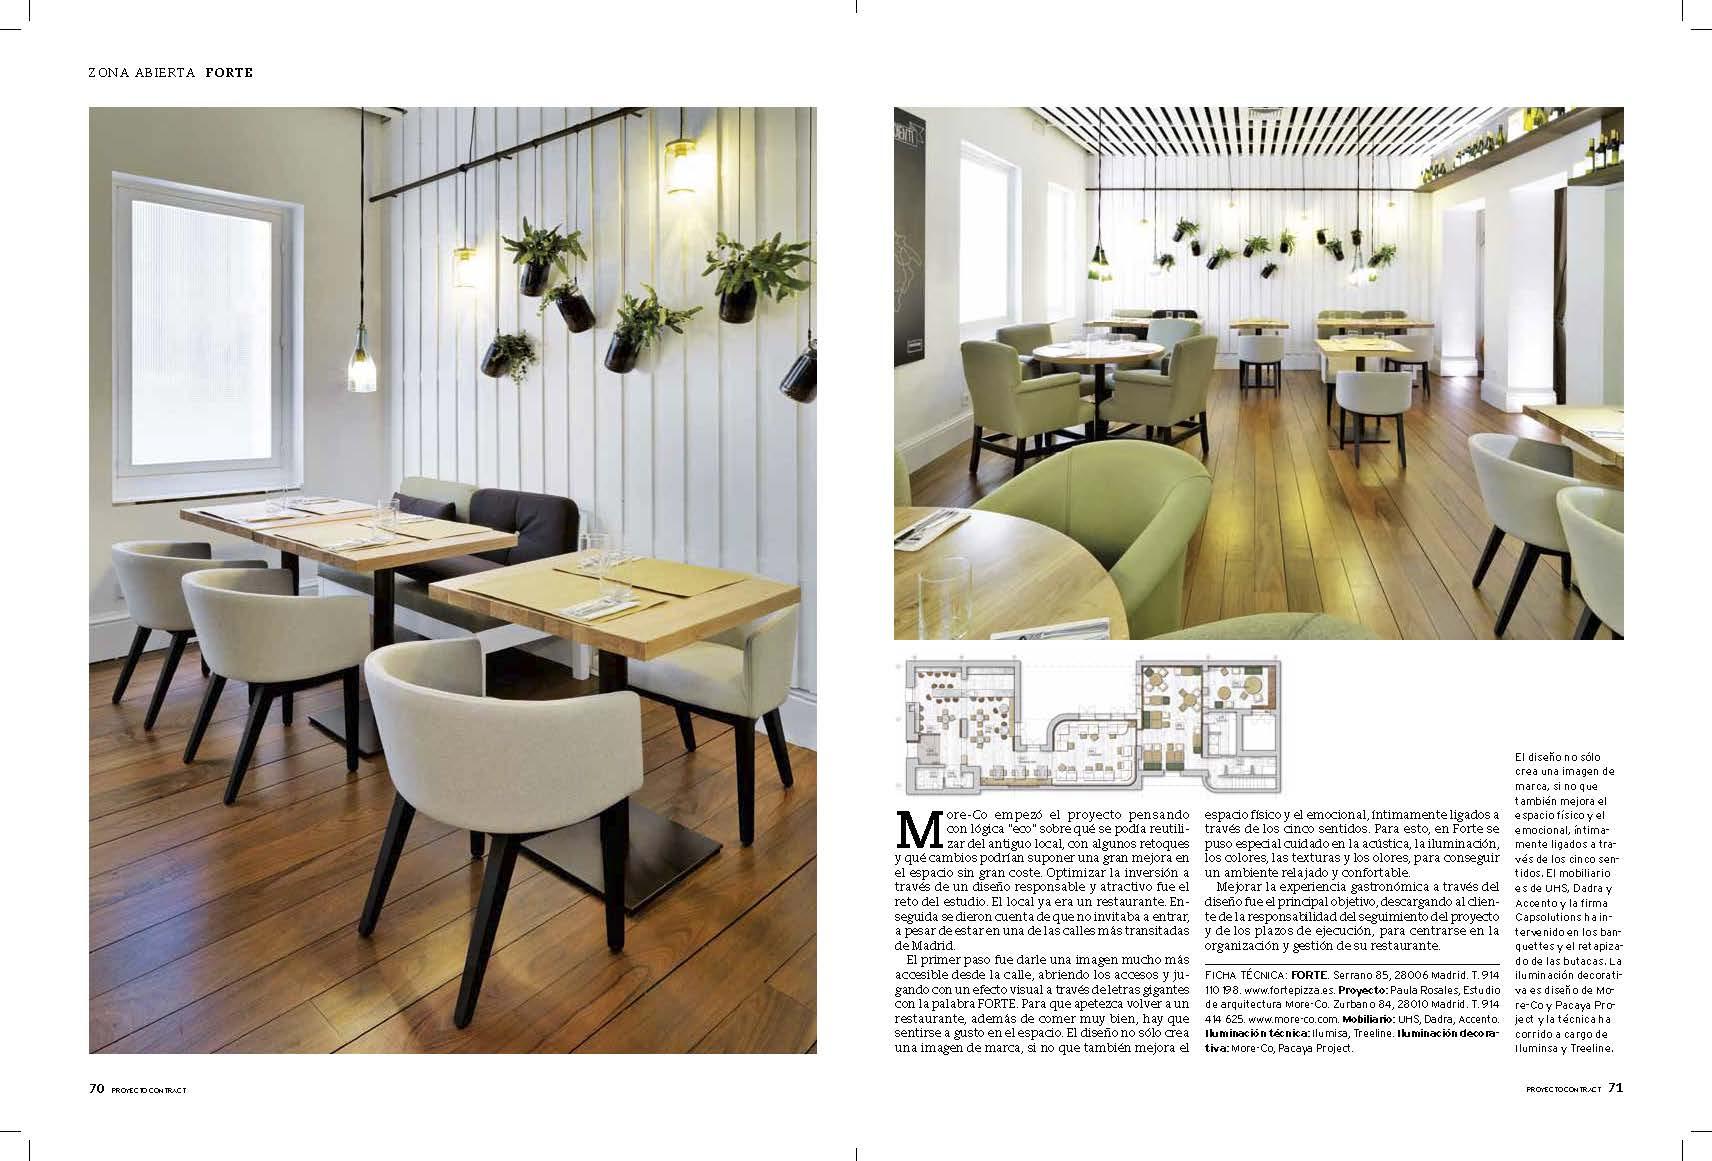 proyecto-contract-112-forte-restaurante-aravaca-madrid-more-co_4